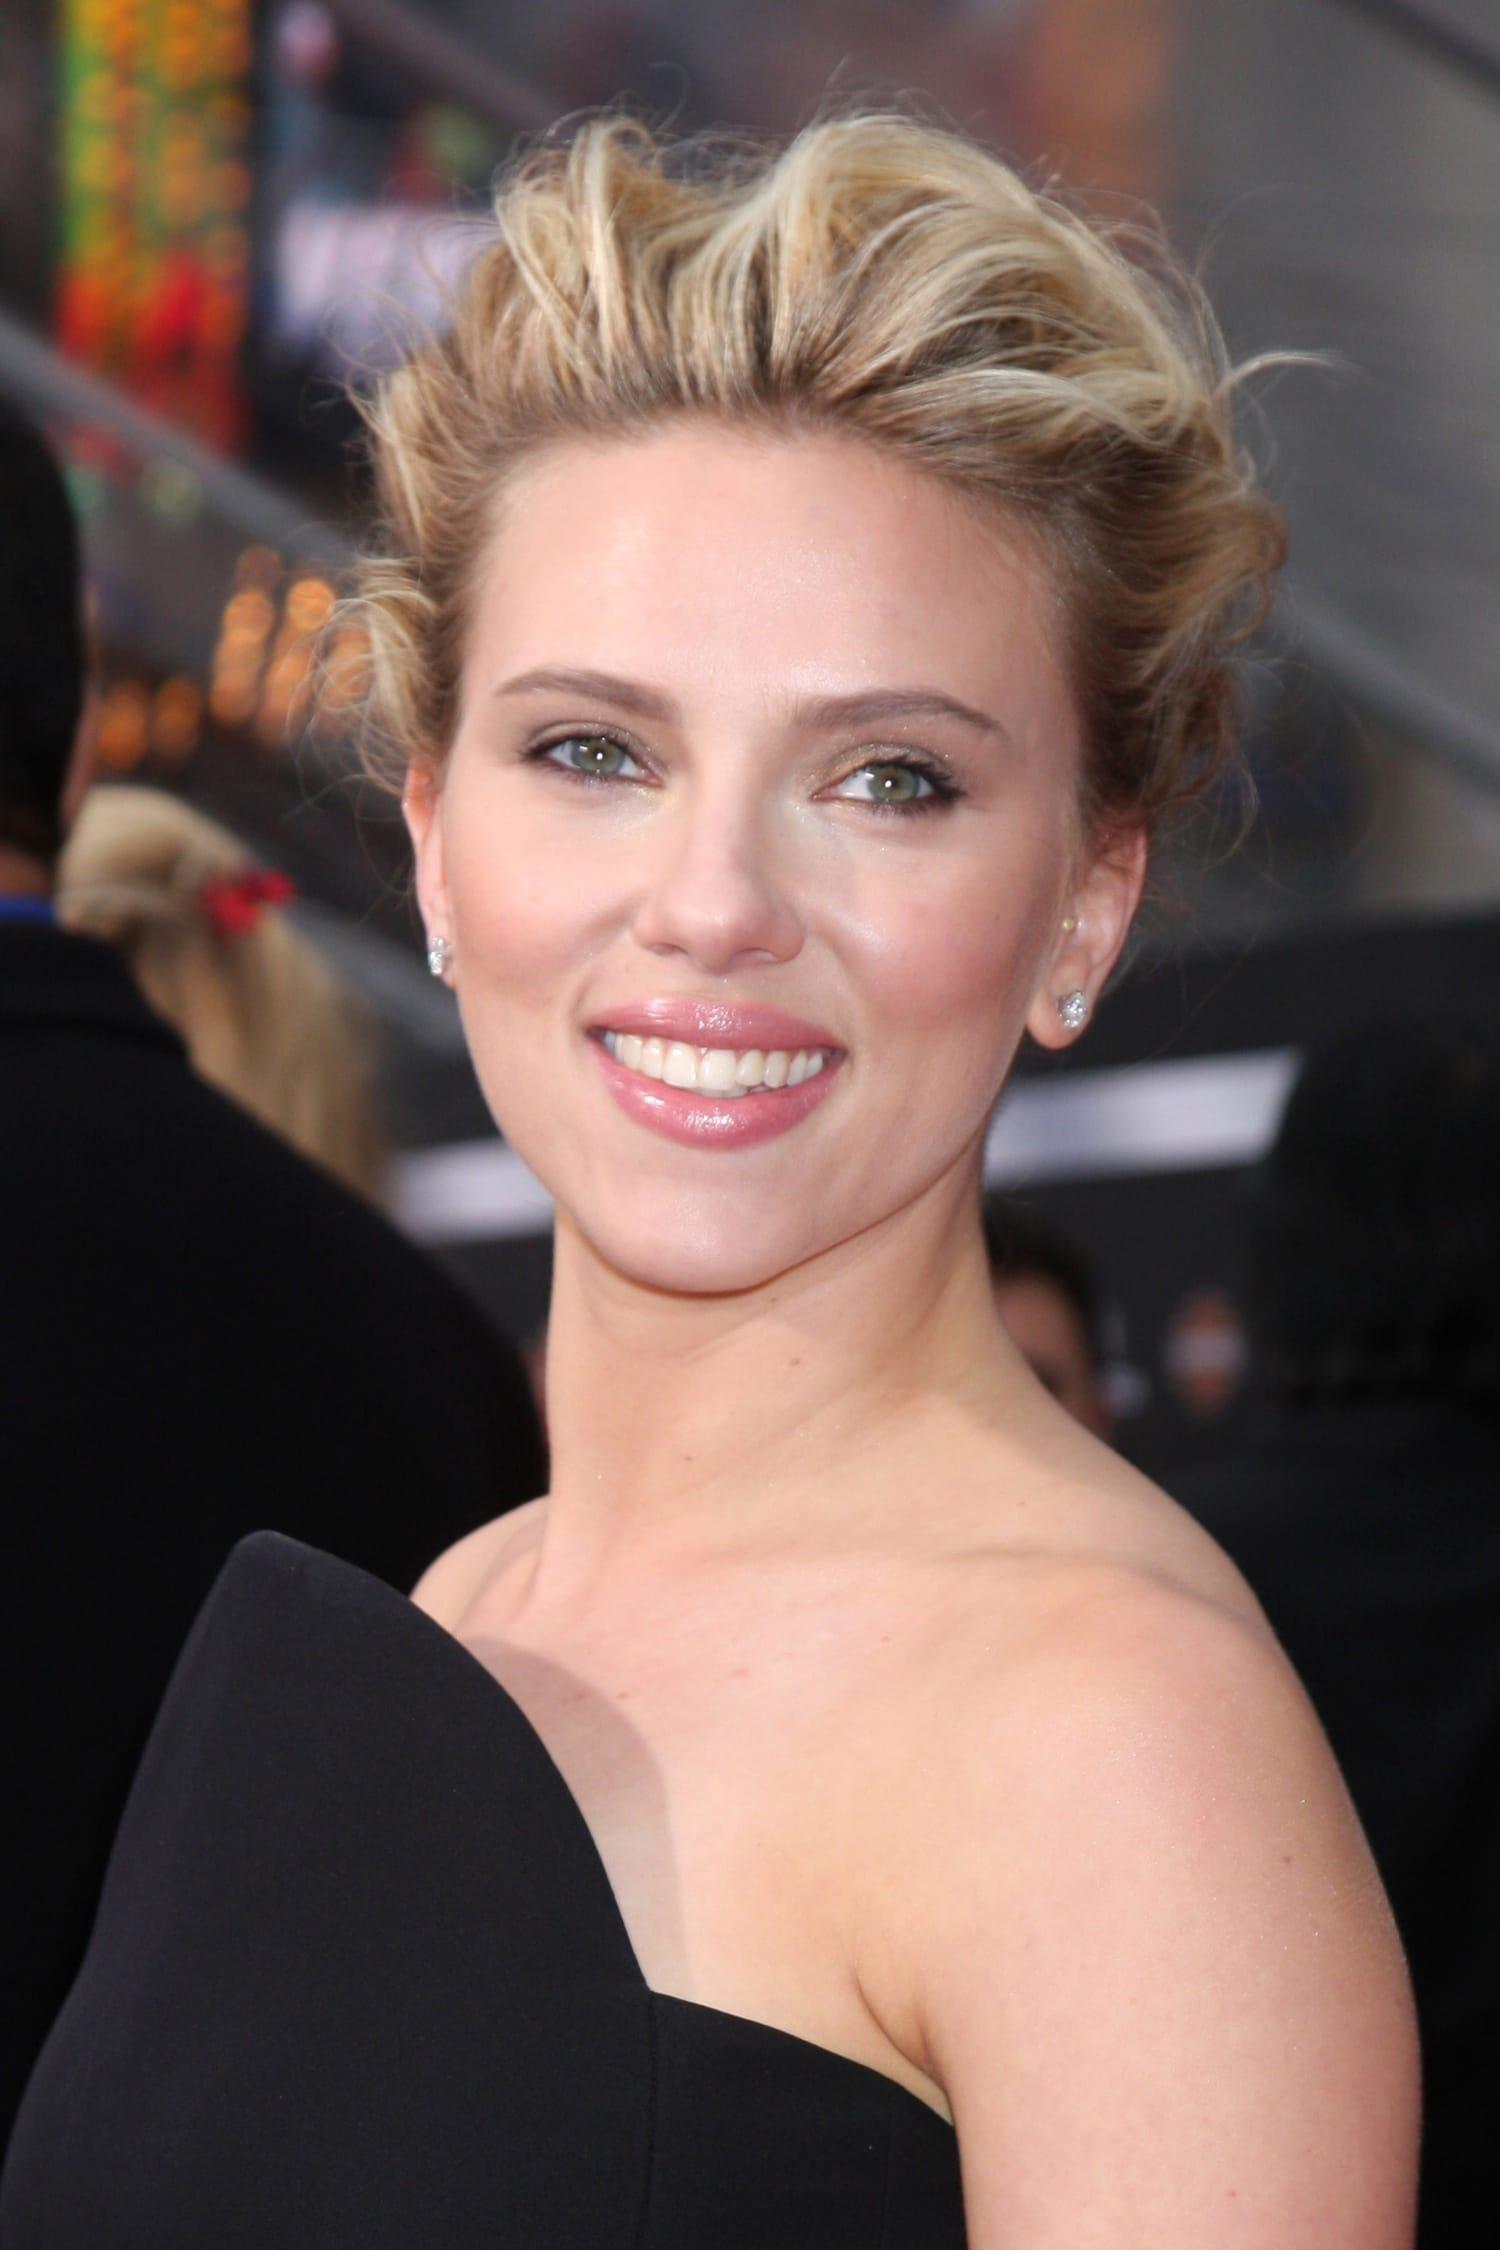 Így készítsd el! Scarlett Johansson szexi sminkje lépésről lépésre